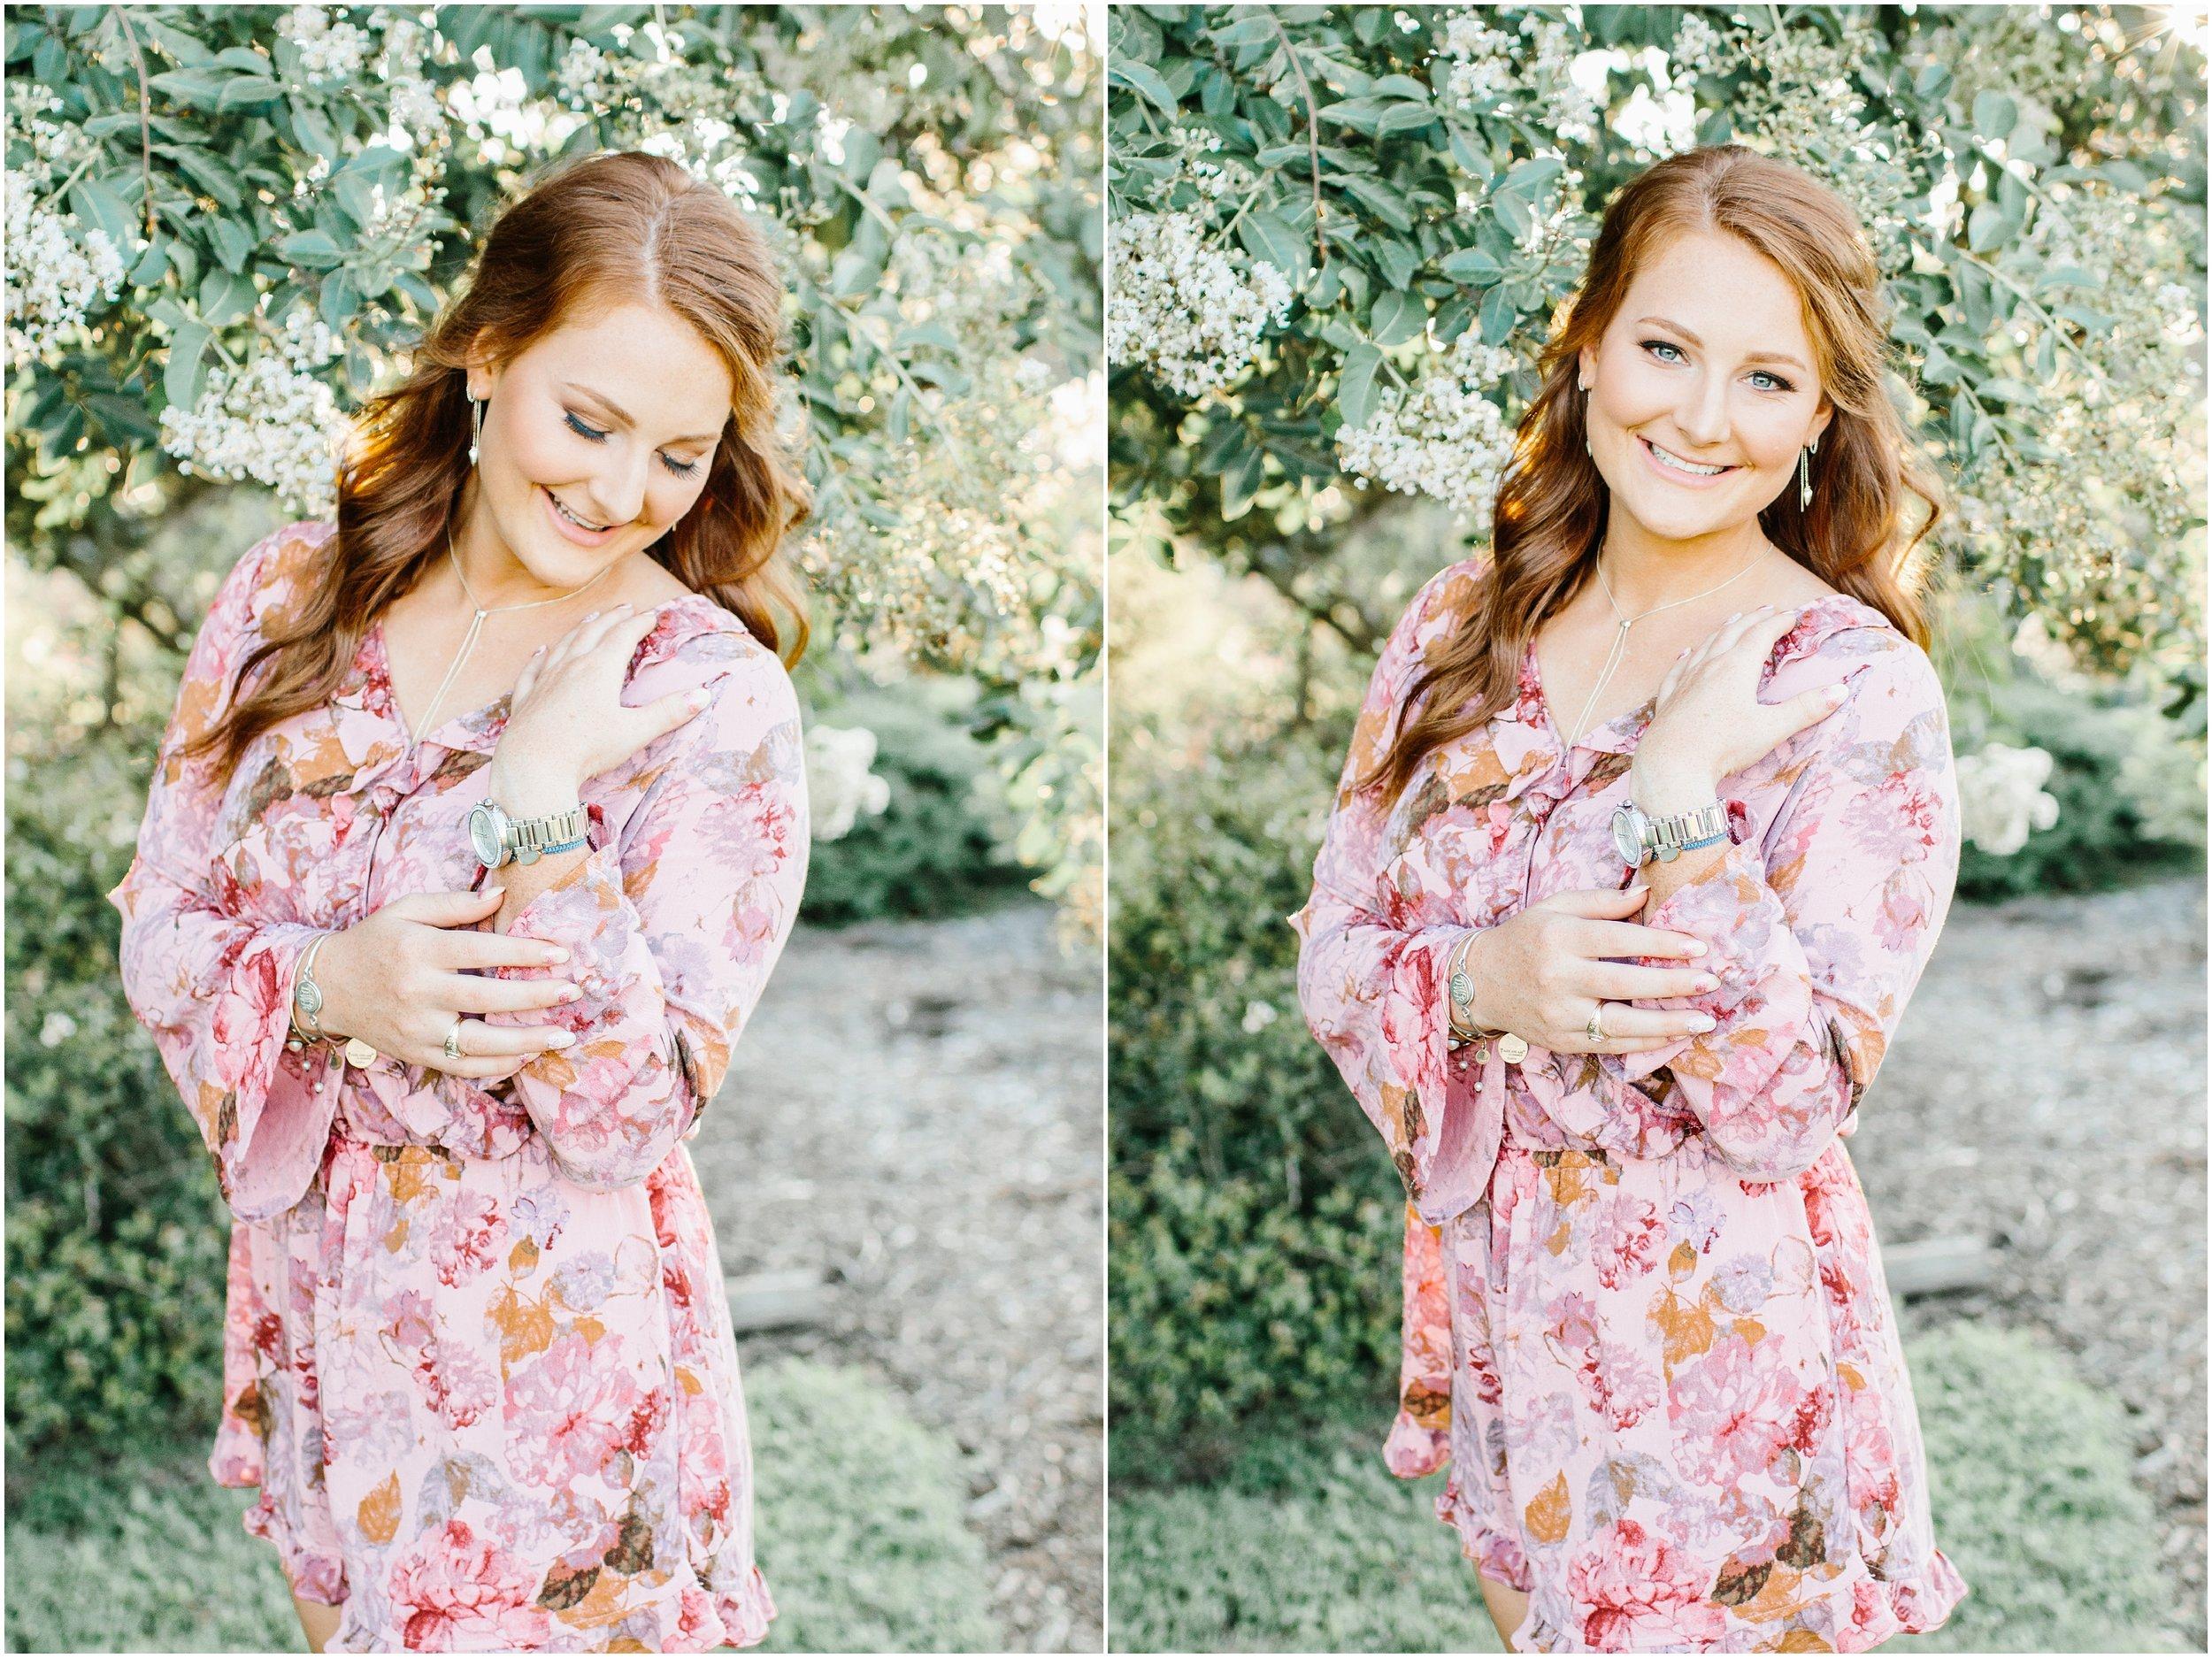 Texas_A&M_Senior_Photographer_0305.jpg